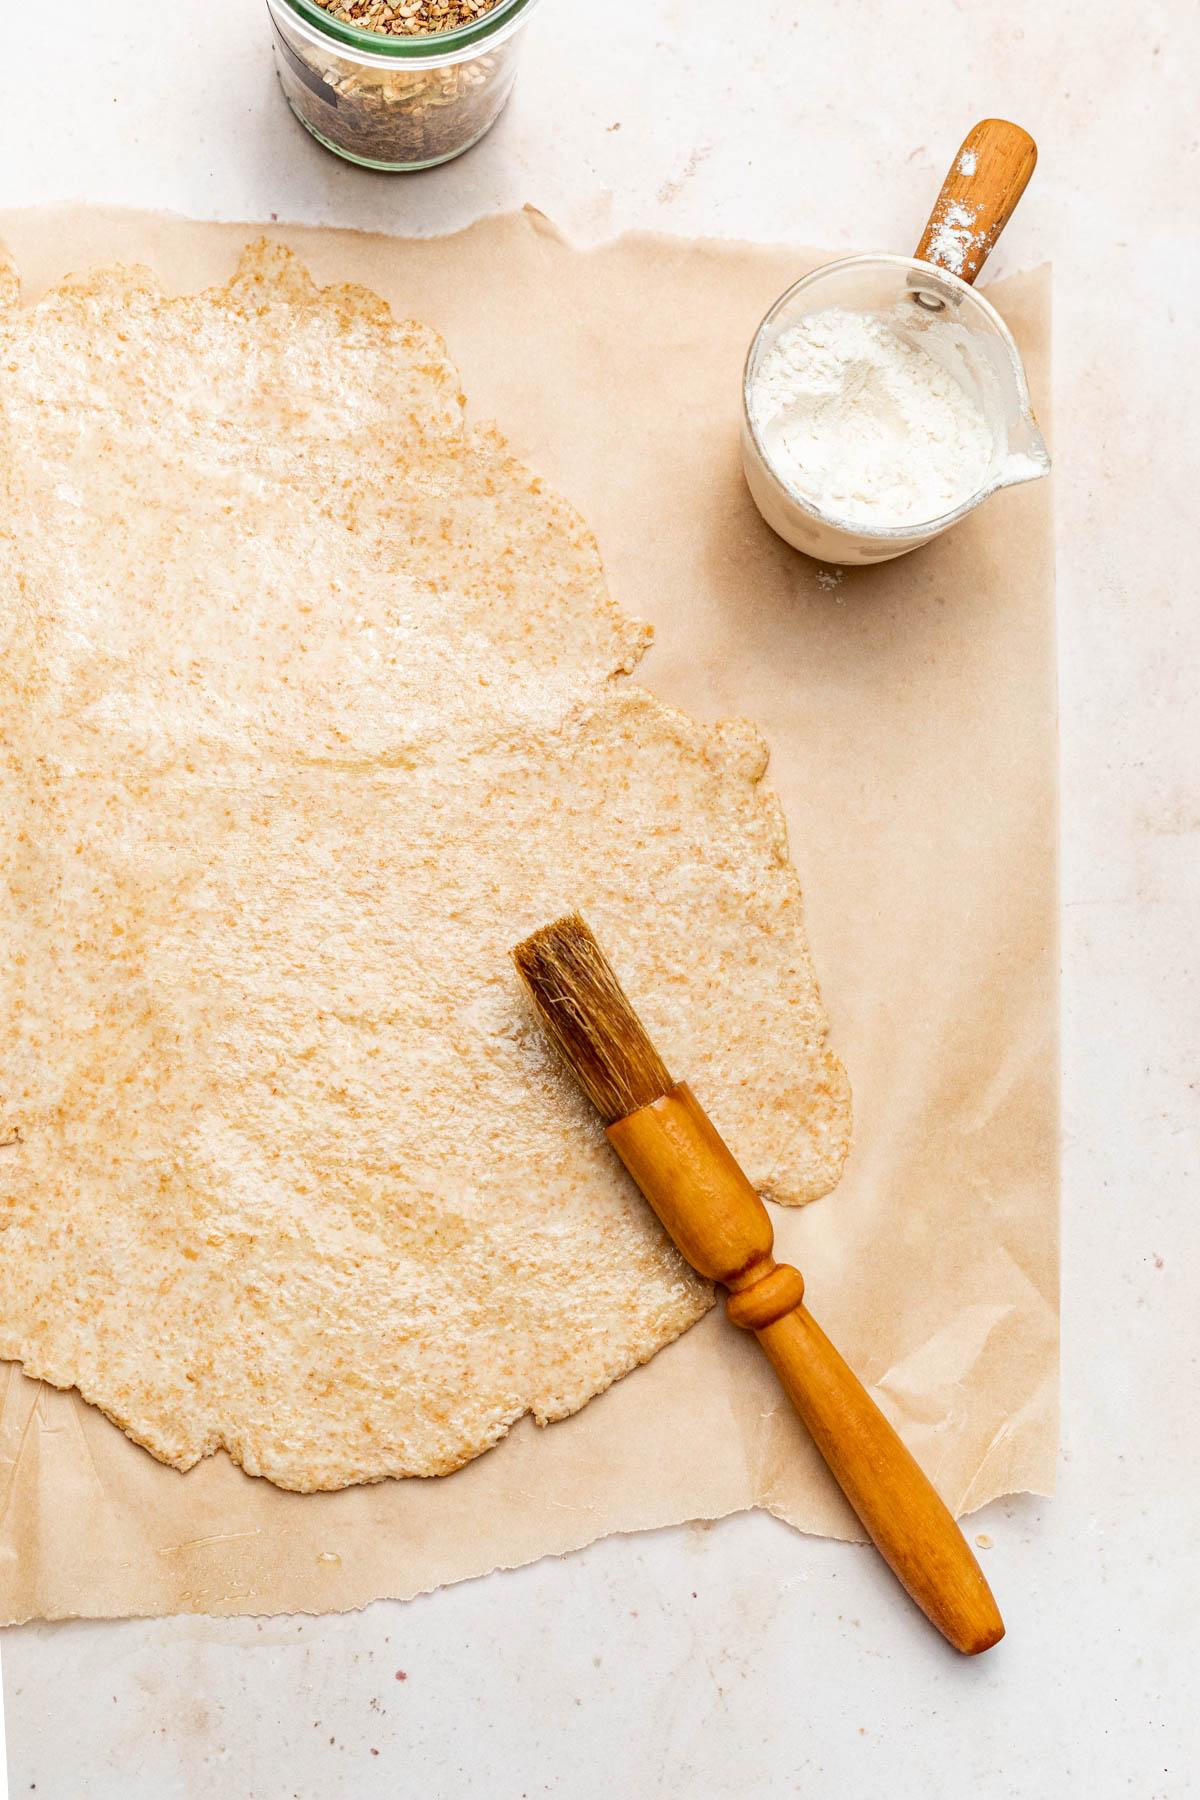 Brushing oil onto the cracker dough.